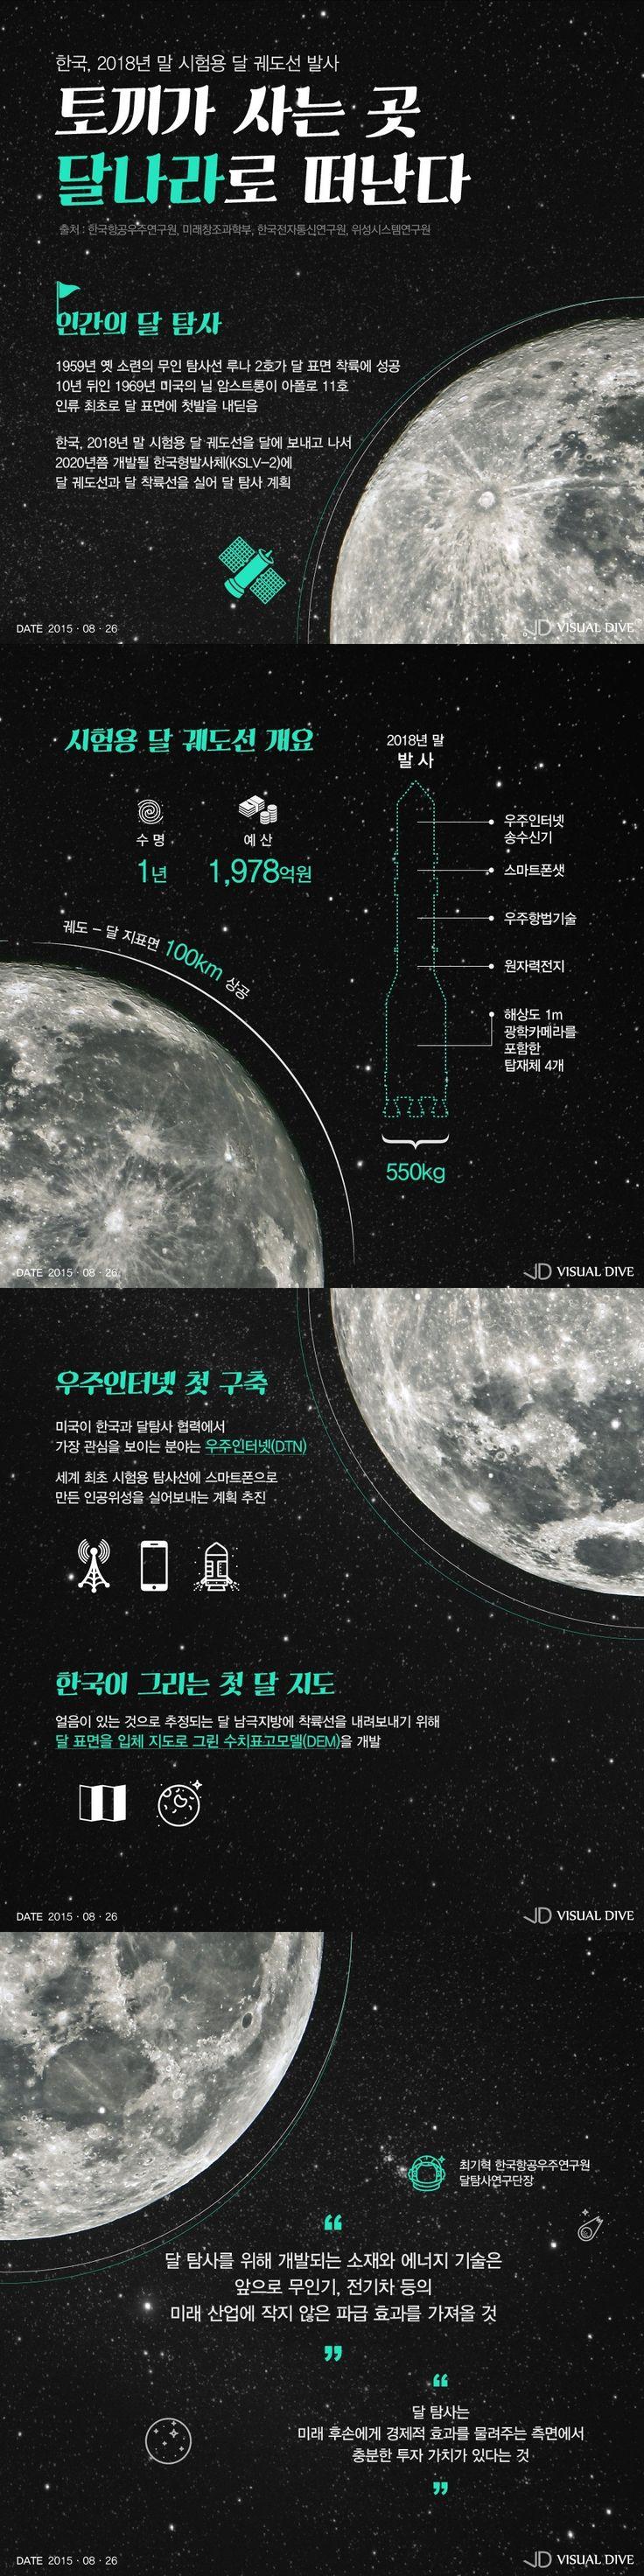 한국도 '달' 탐사…2018년 궤도선 발사 [인포그래픽] #Moon / #Infographic ⓒ 비주얼다이브 무단 복사·전재·재배포 금지